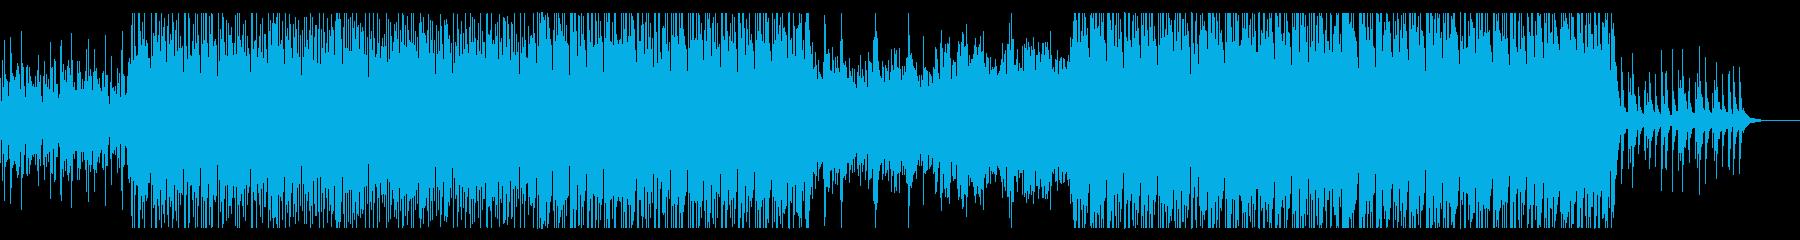 和をイメージしたミィデアムテンポのBGMの再生済みの波形